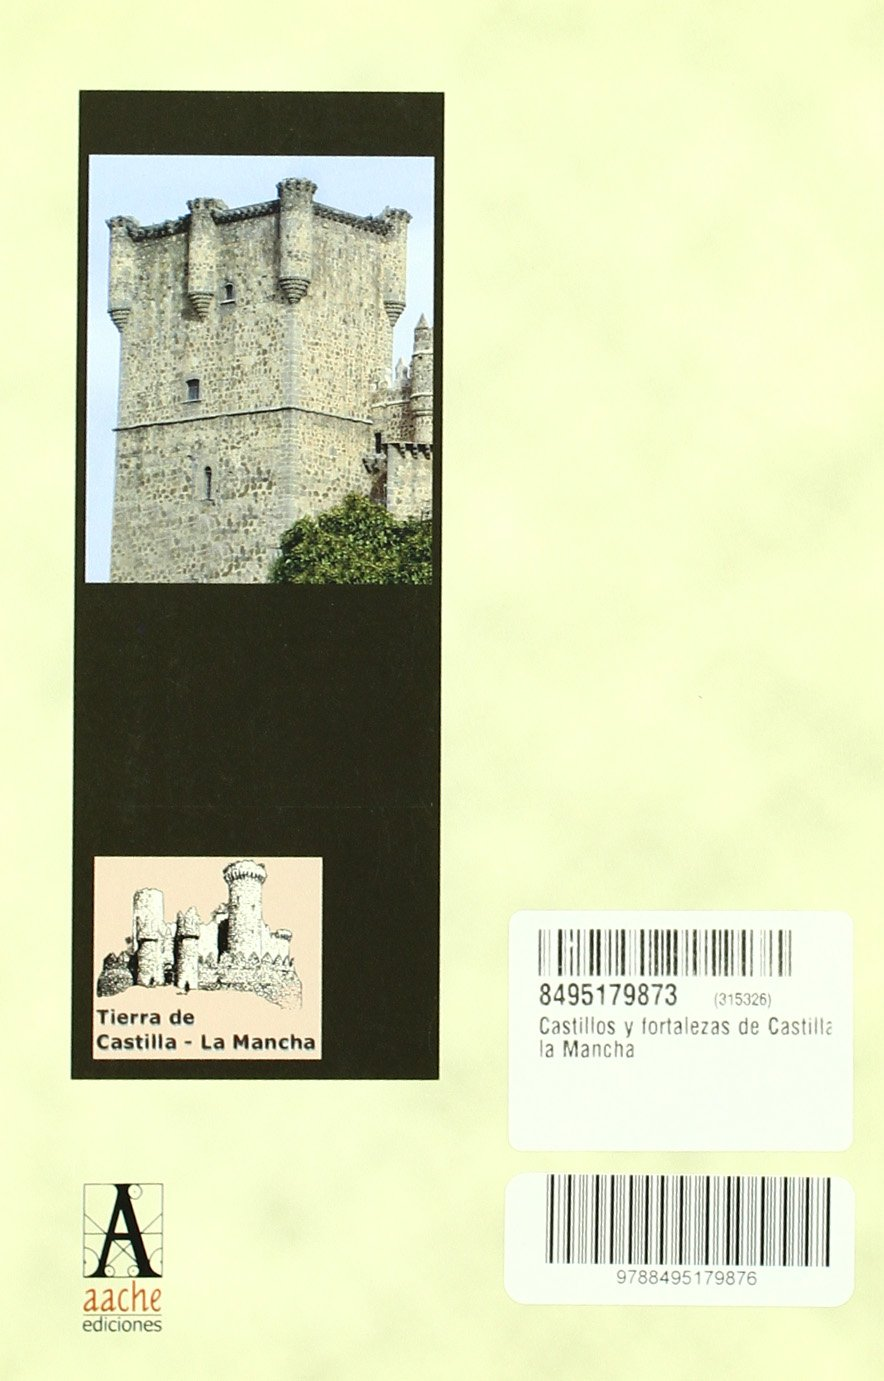 Castillos y fortalezas de Castilla-La Mancha: Amazon.es: Herrera, Antonio: Libros